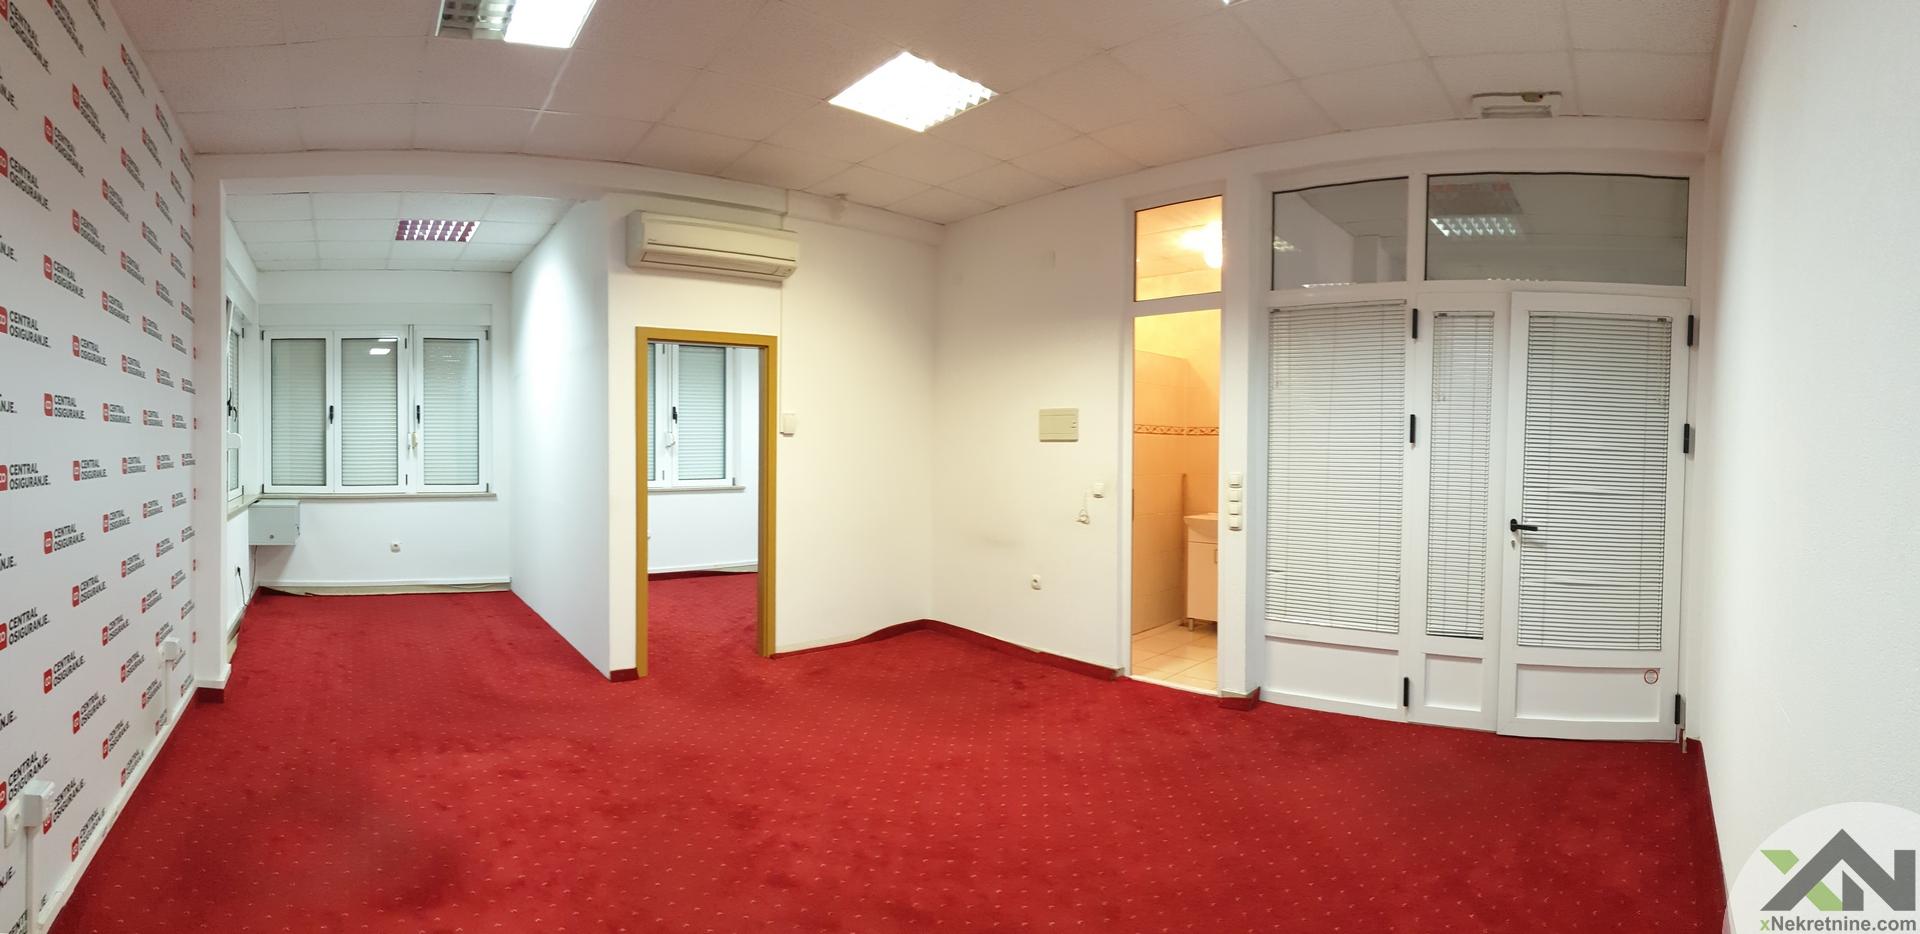 Poslovni prostor 60m2 - izvrsna lokacija